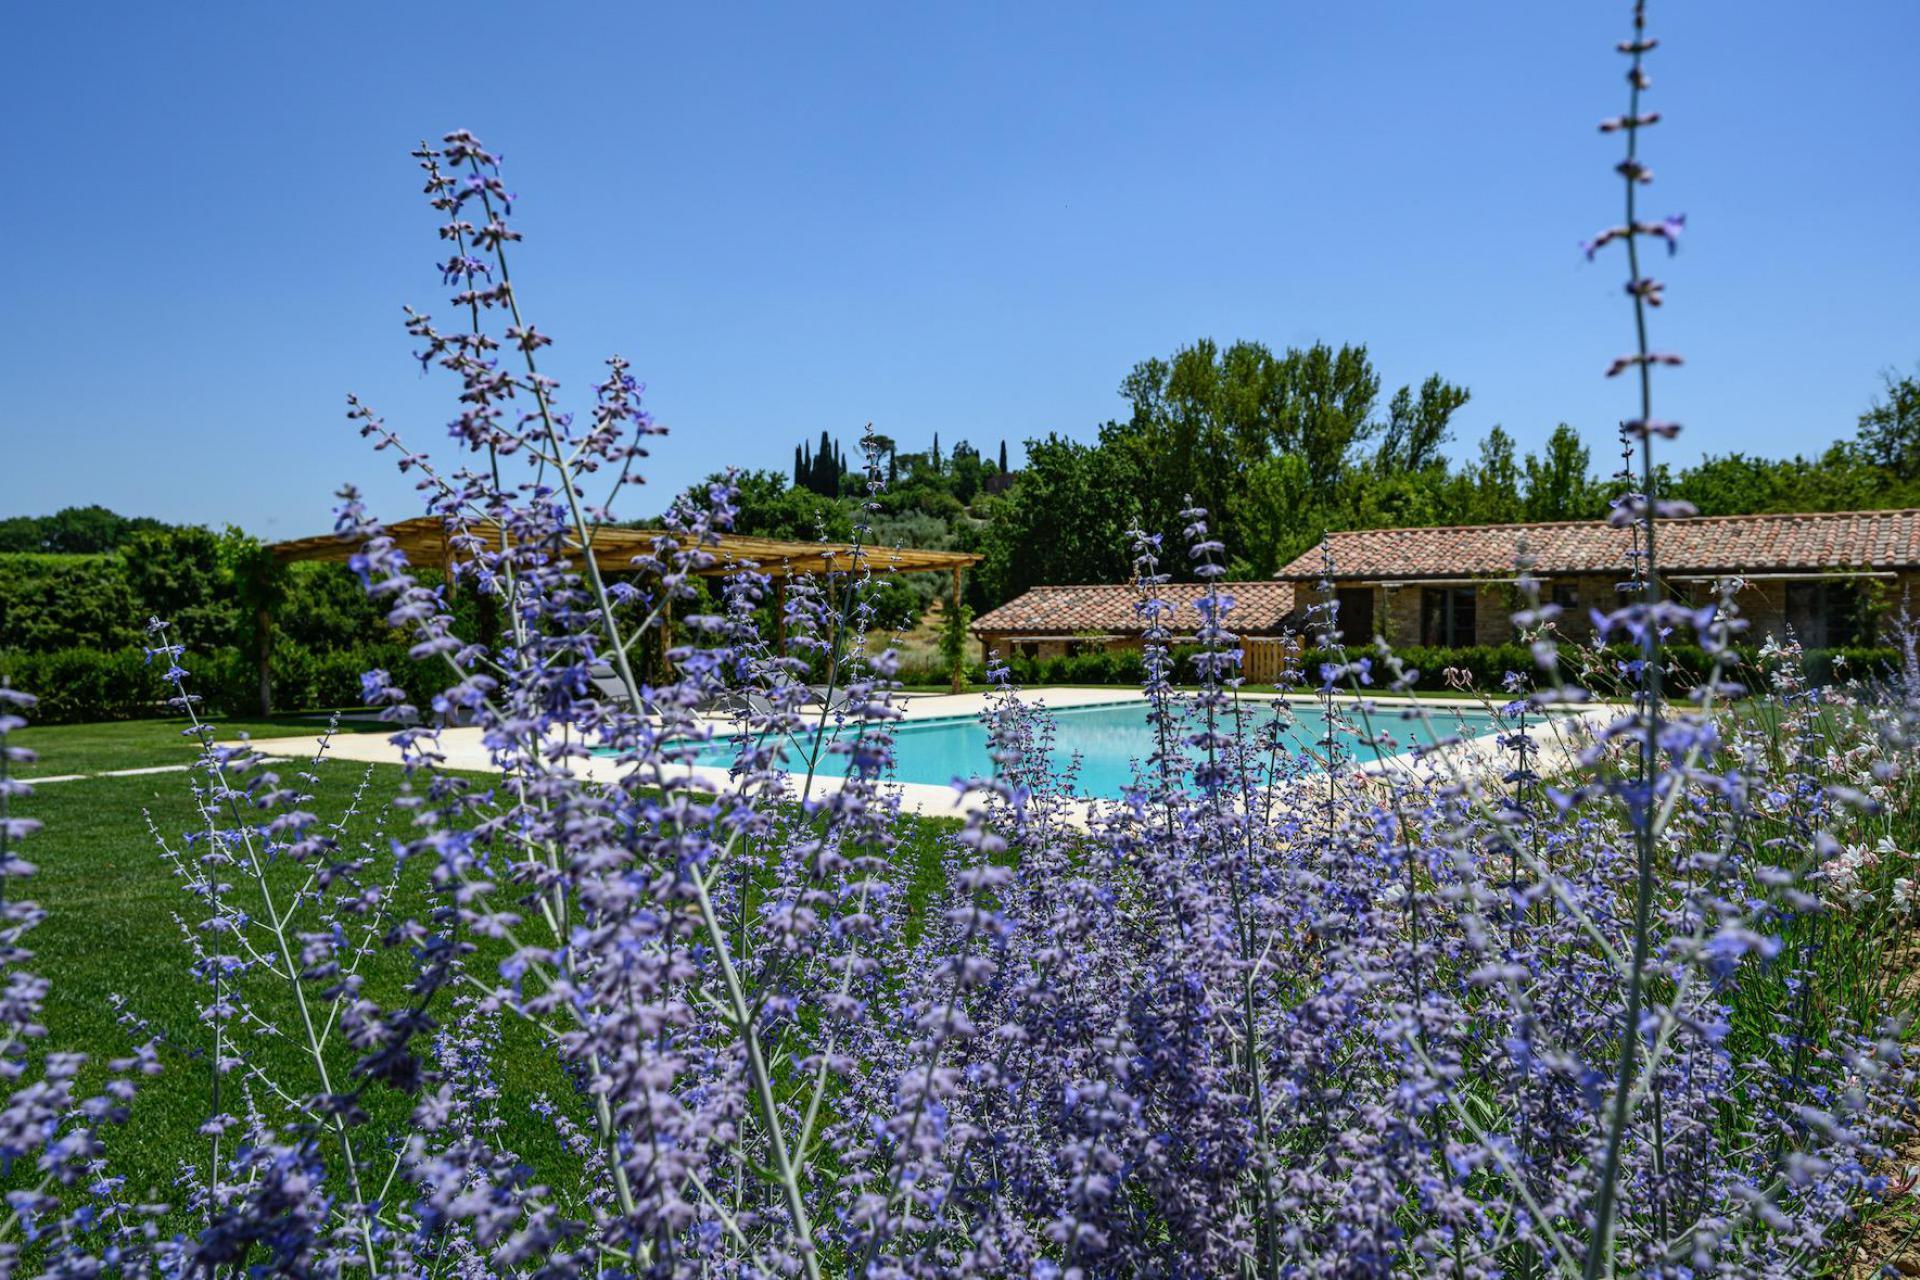 Agriturismo Toscana Agriturismo in Toscana  ideale per rilassarsi